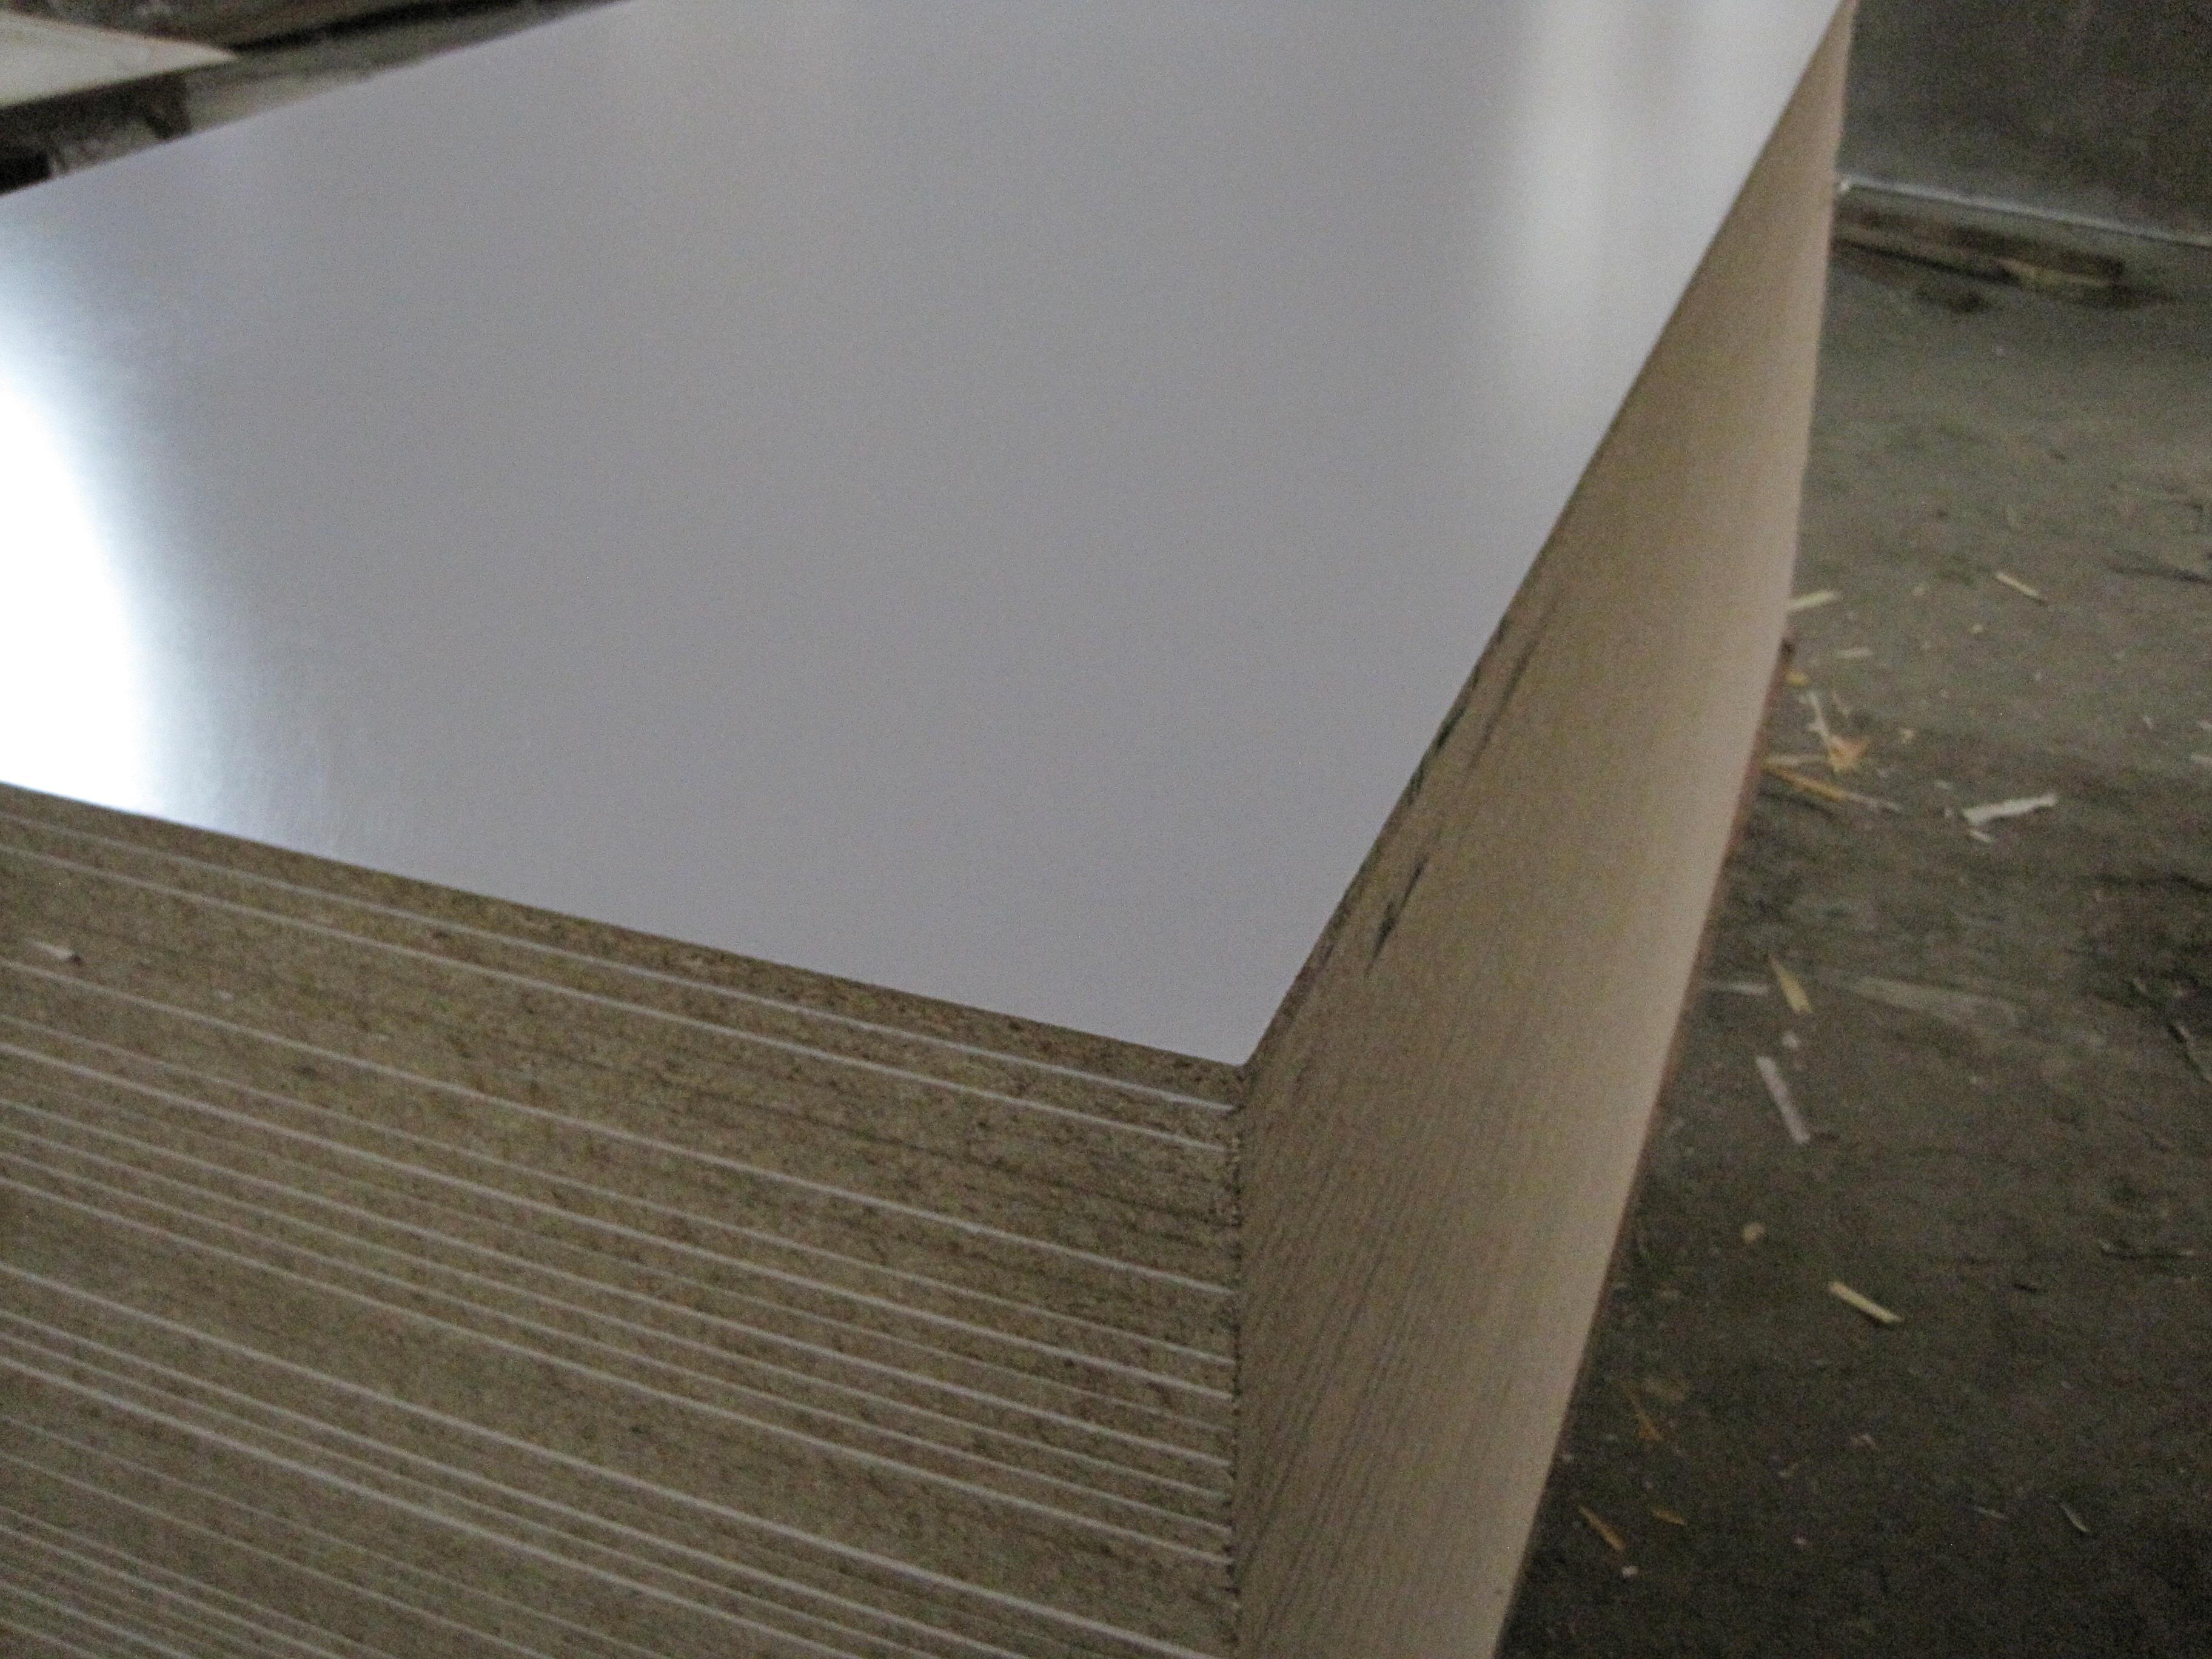 panneaux de particules agglom r 9 25 mm. Black Bedroom Furniture Sets. Home Design Ideas